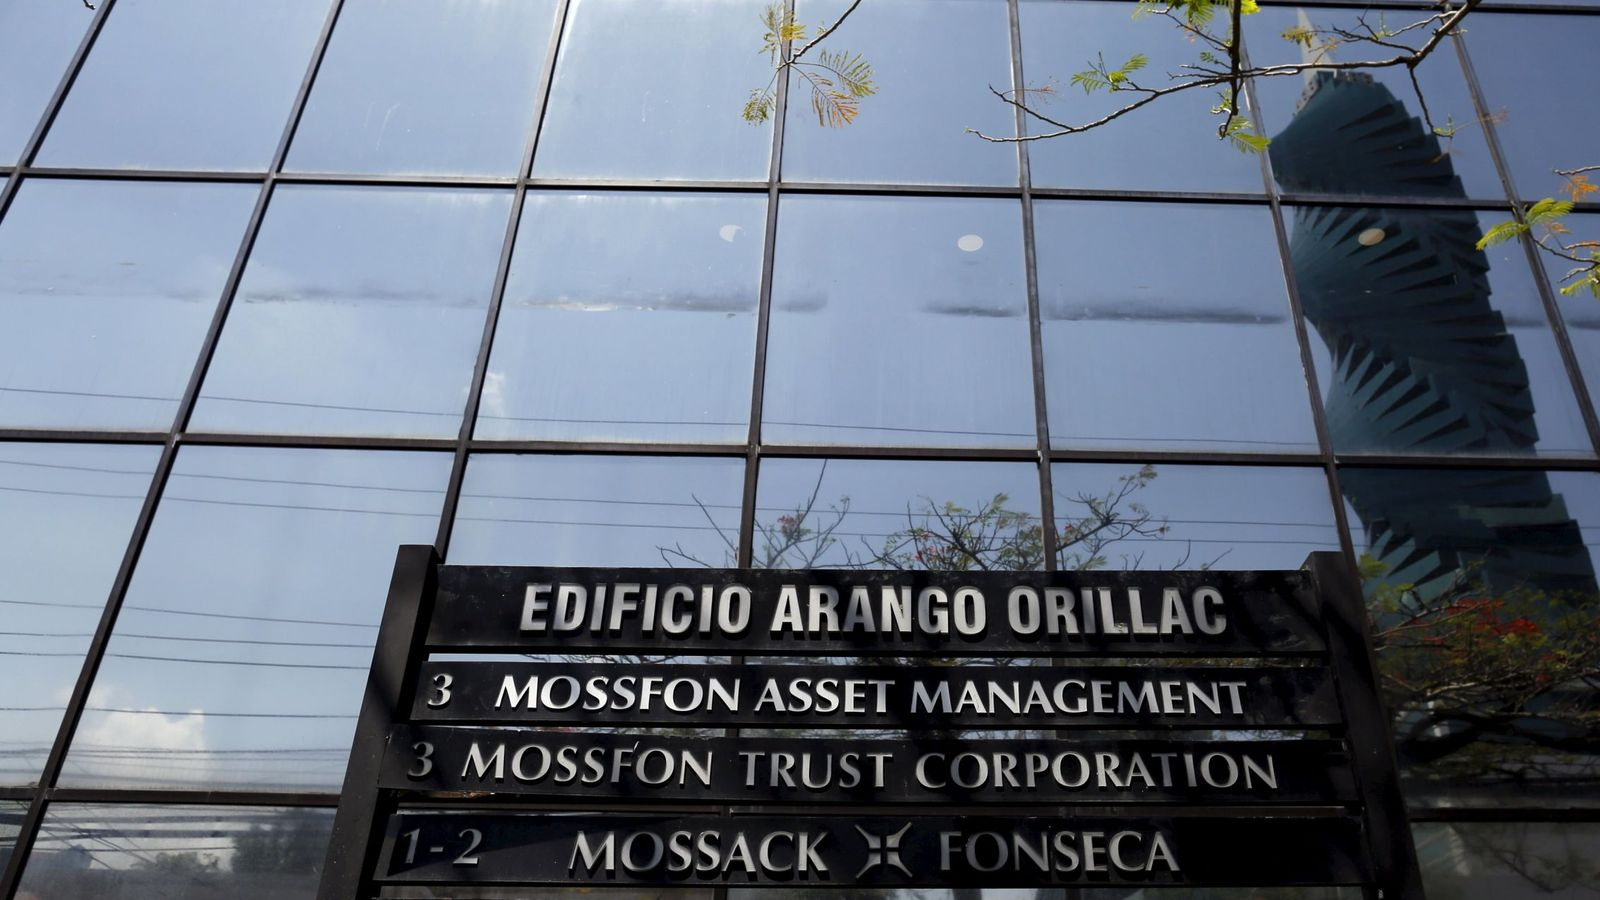 Foto: Los despachos de la firma de abogados Mossack Fonseca. (Reuters)